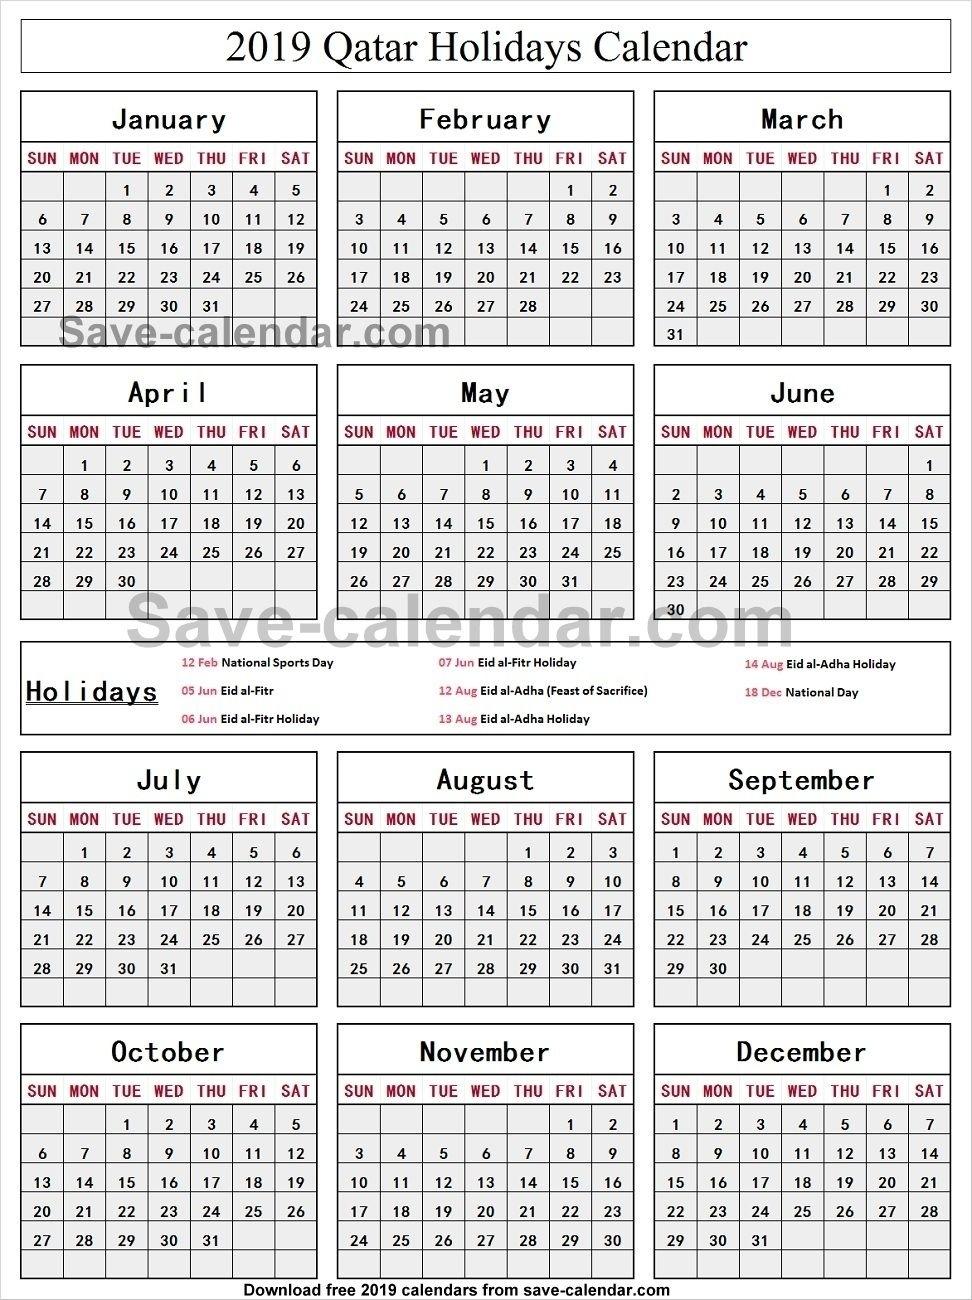 Eid al adha 2020 qatar